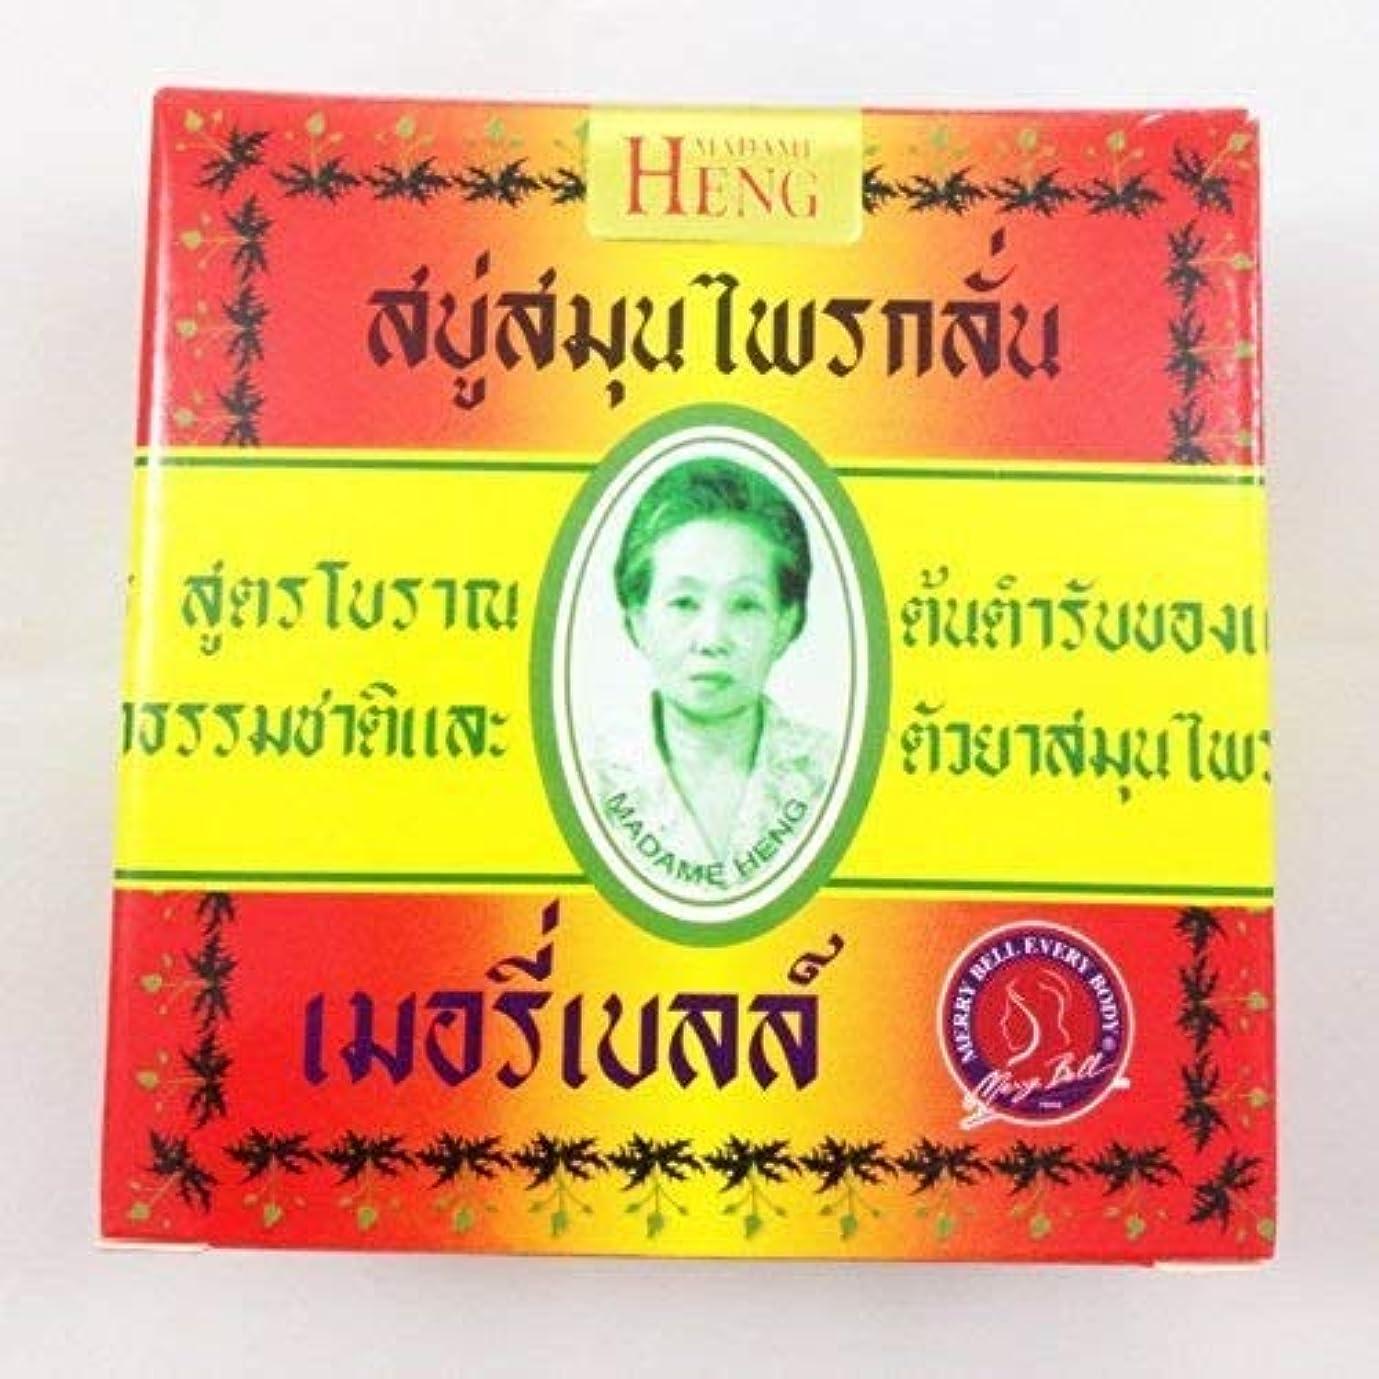 落胆させる半導体不純Madame Heng Thai Original Natural Herbal Soap Bar Made in Thailand 160gx2pcs by Ni Yom Thai shop